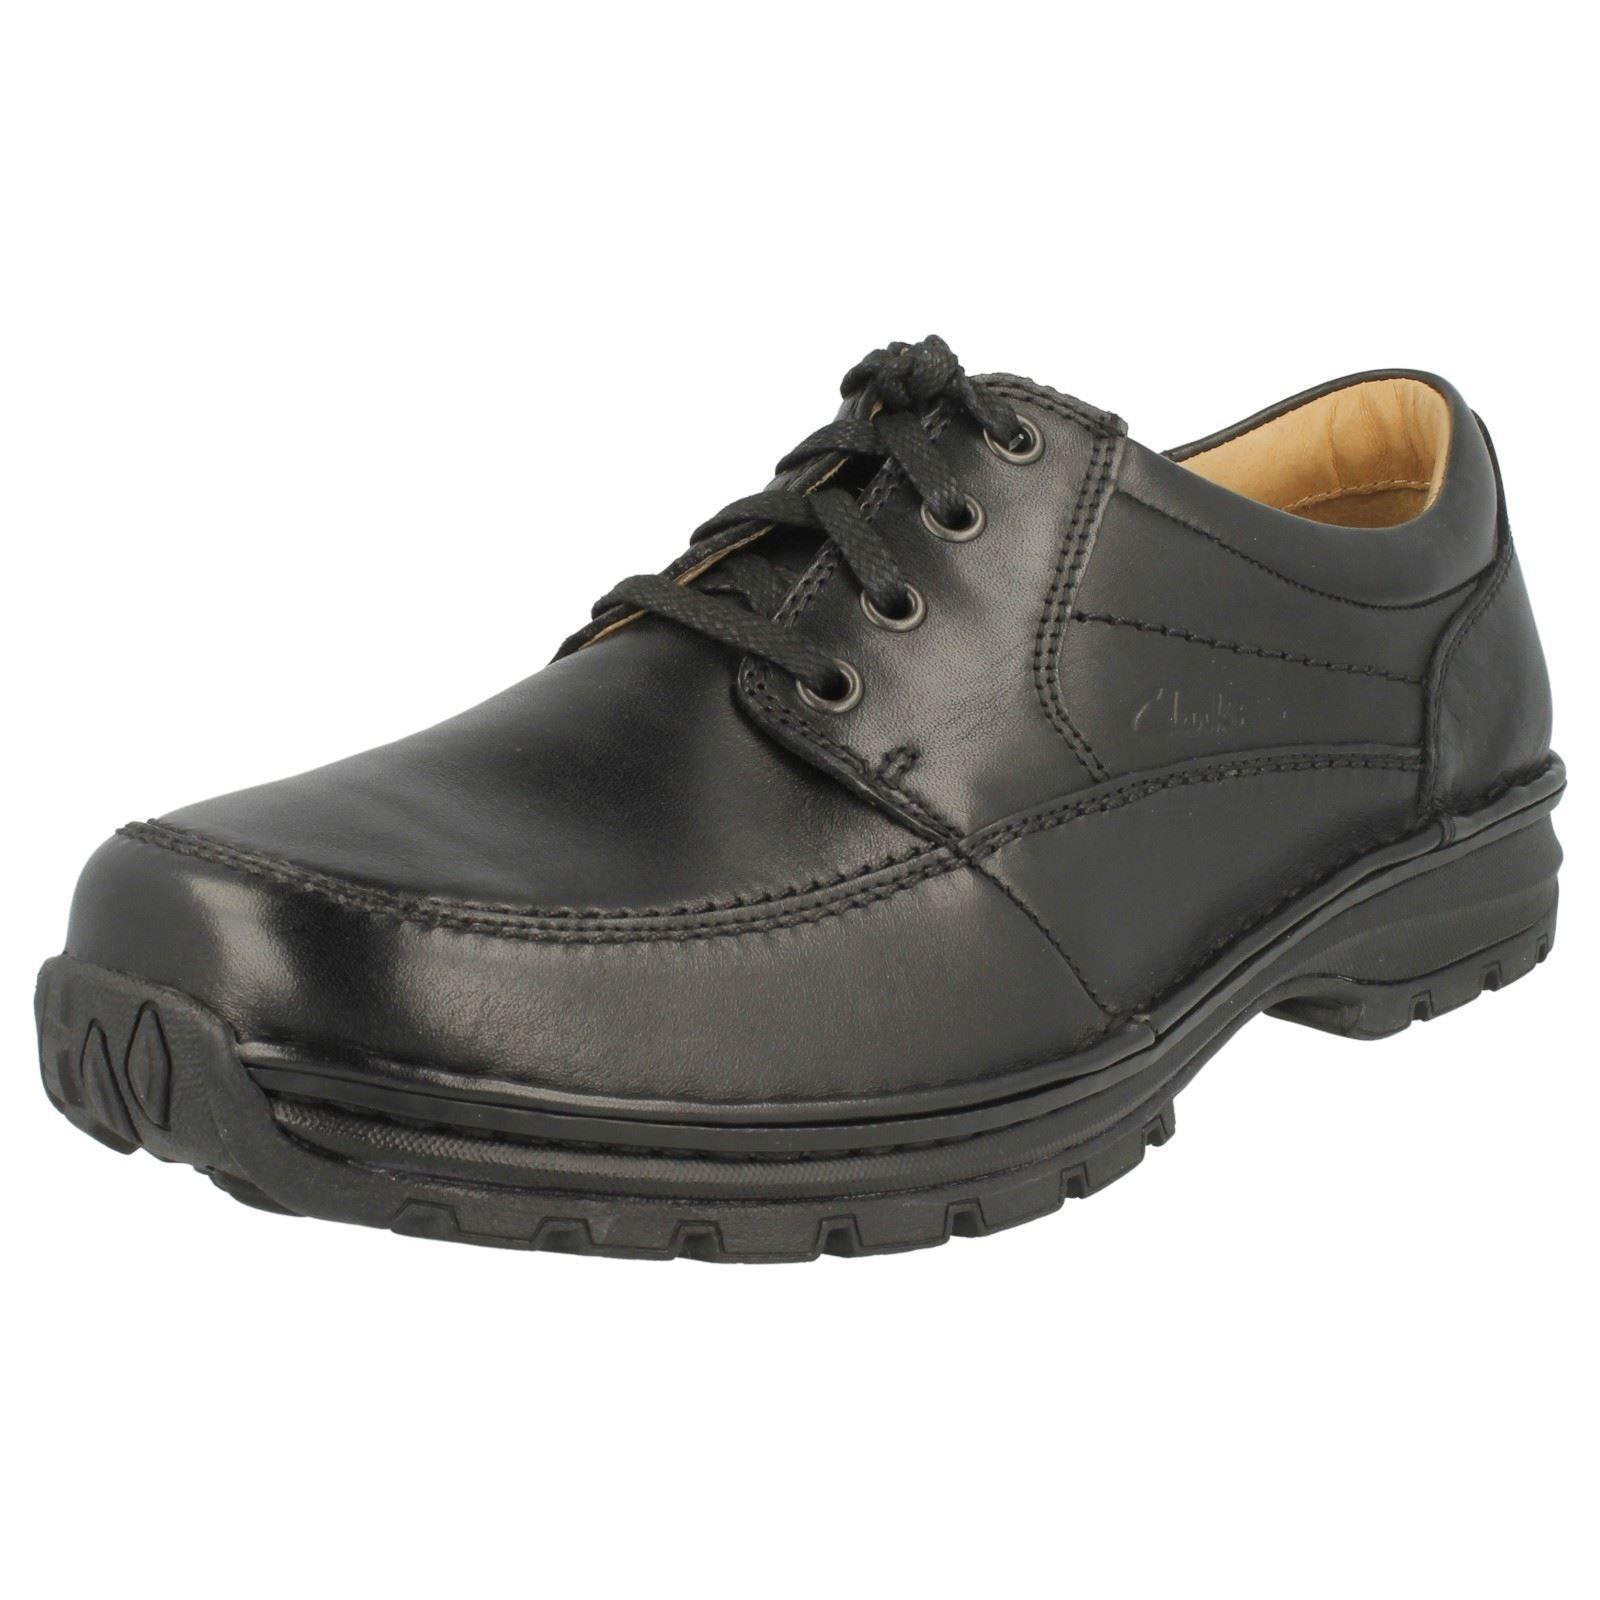 Clarks Herren Sidmouth Meile Schwarzes Leder Schuhe Breiter H Passen (R22f)